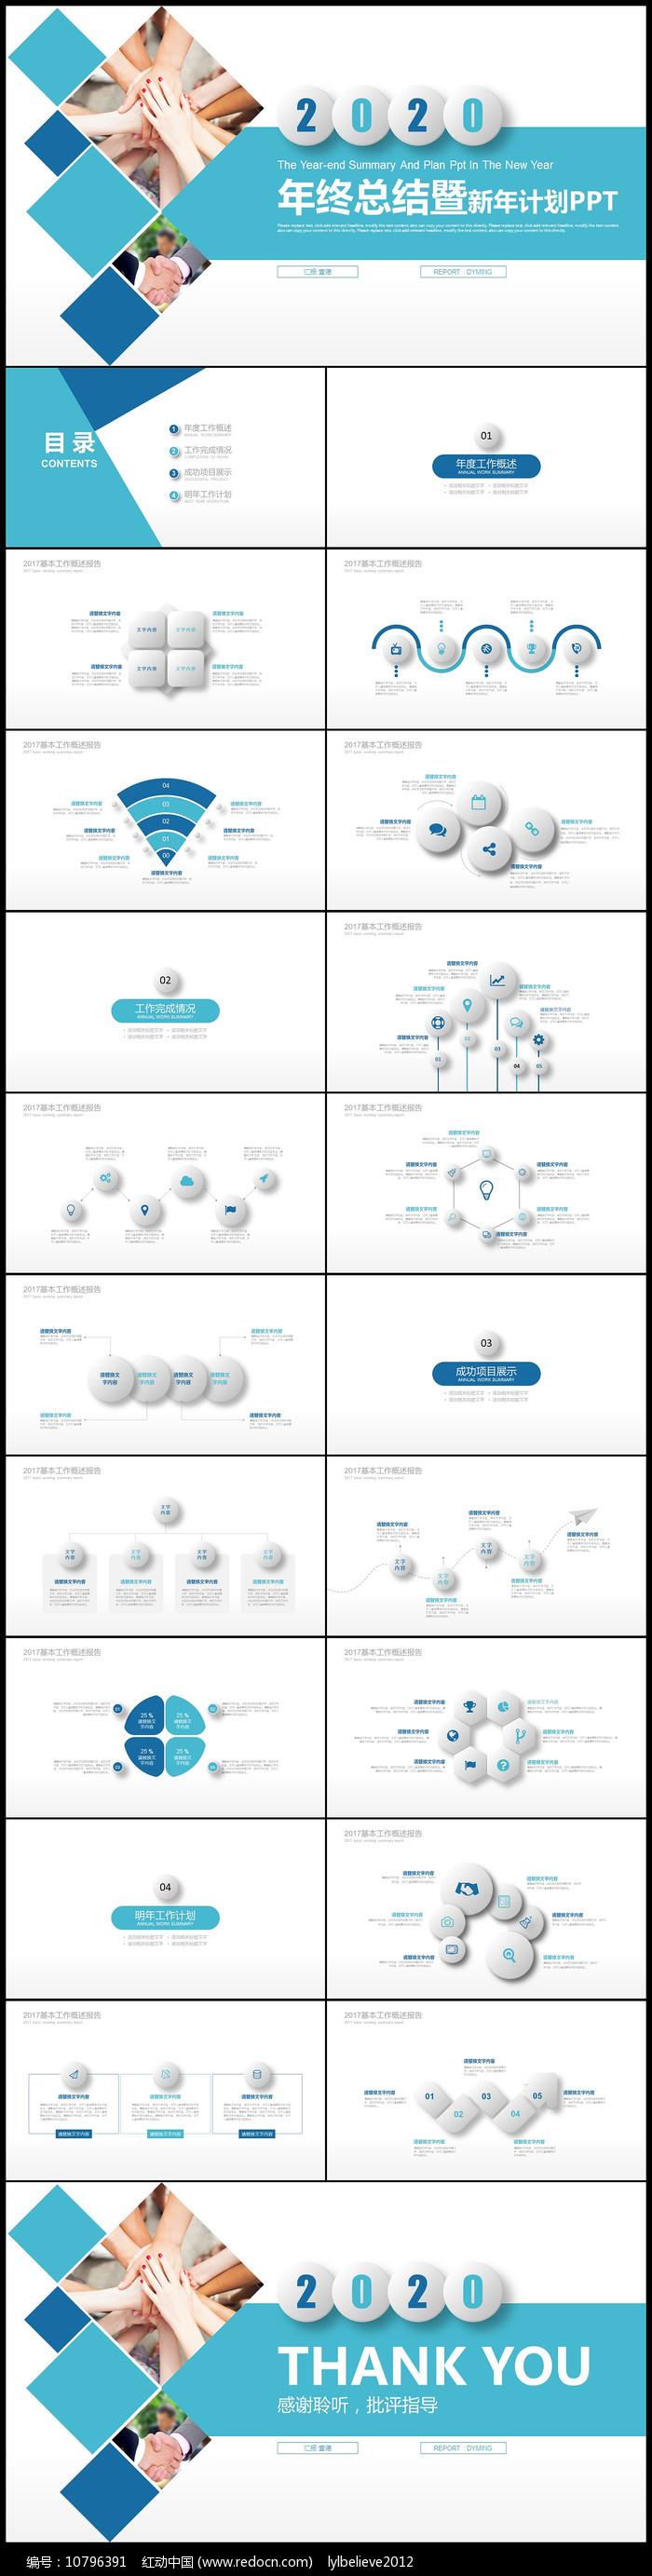 蓝色商务微立体年终总结新年计划PPT图片